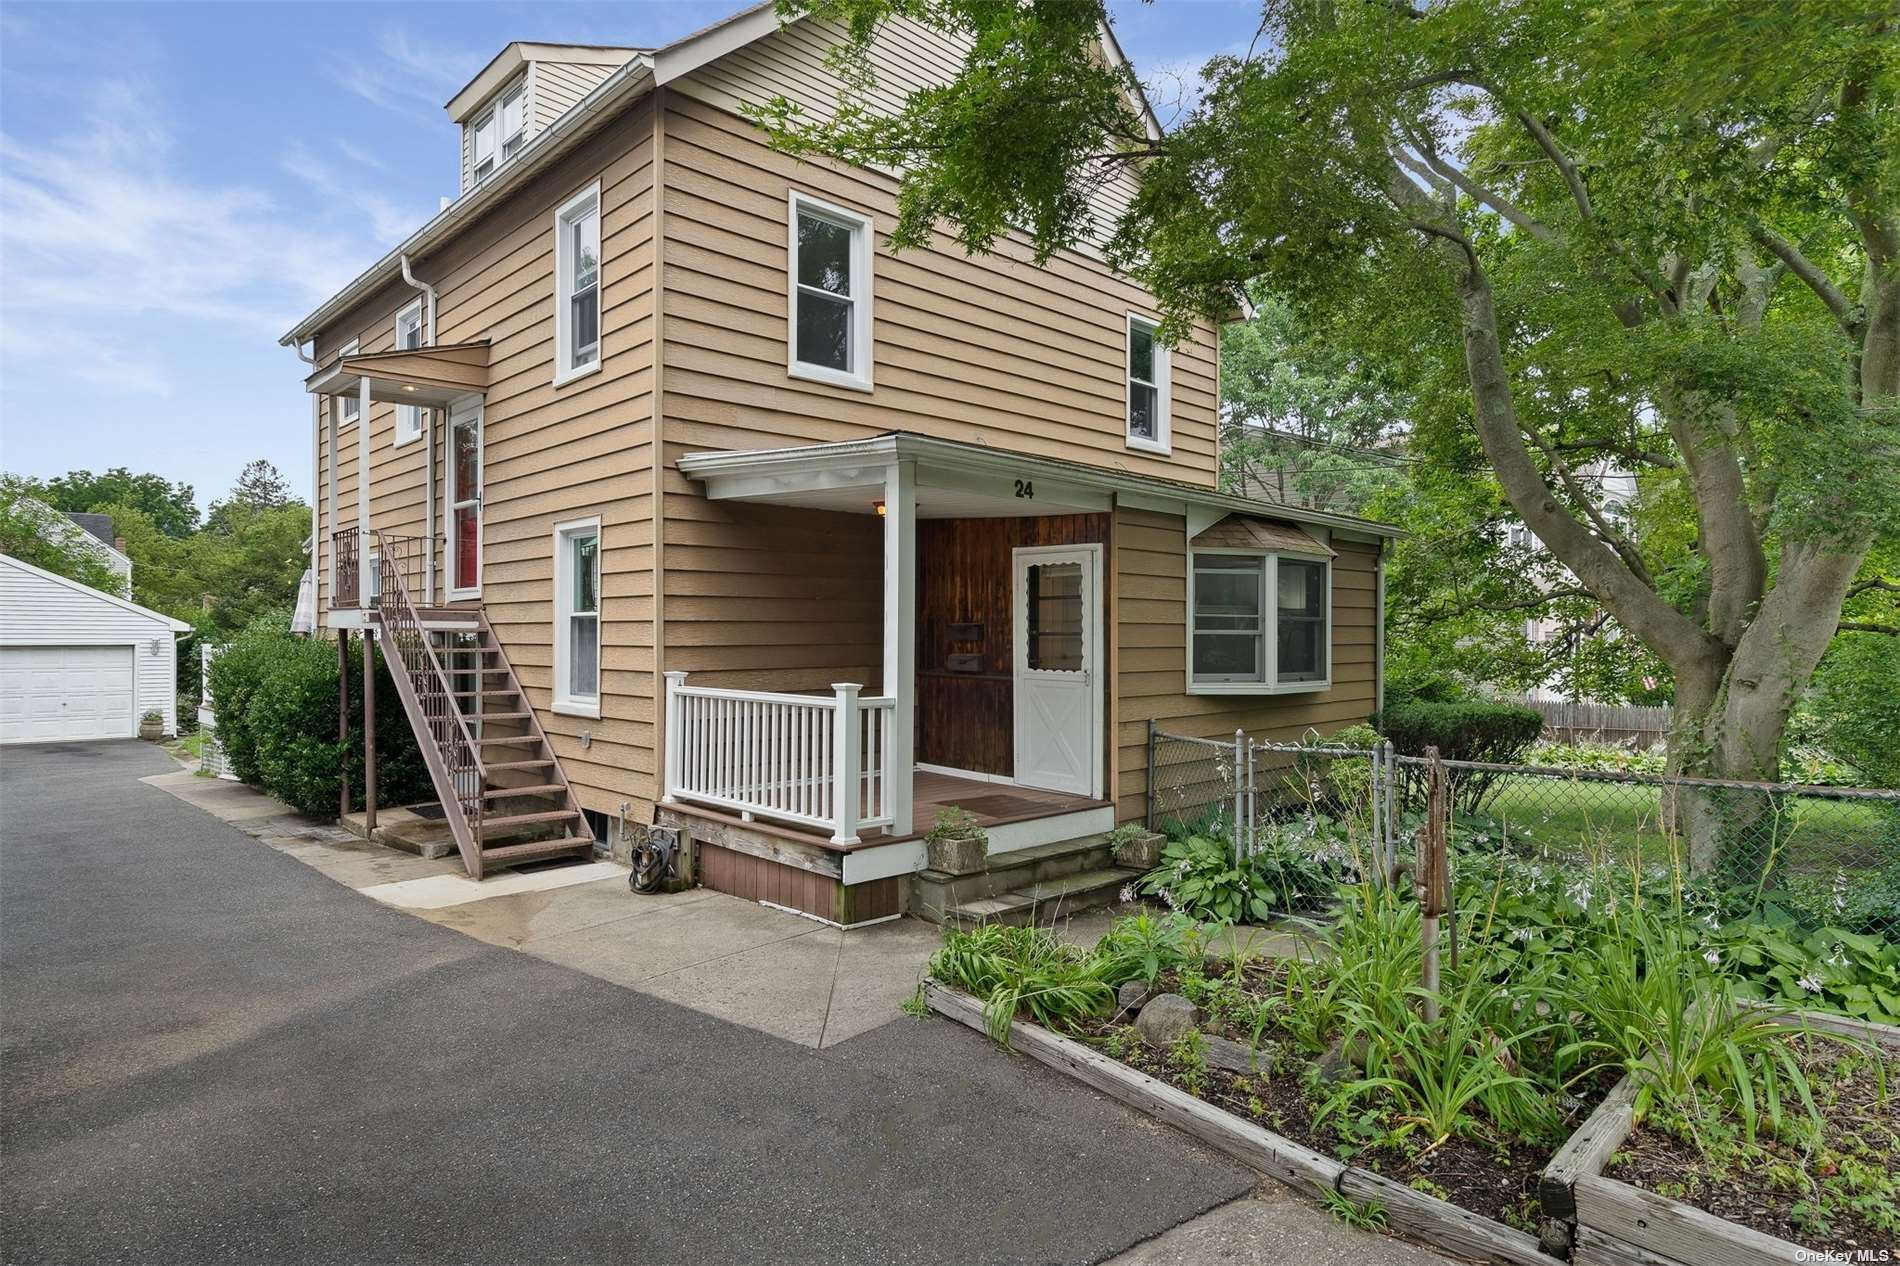 24 Kellogg Street #1, Oyster Bay, NY 11771 - MLS#: 3334506